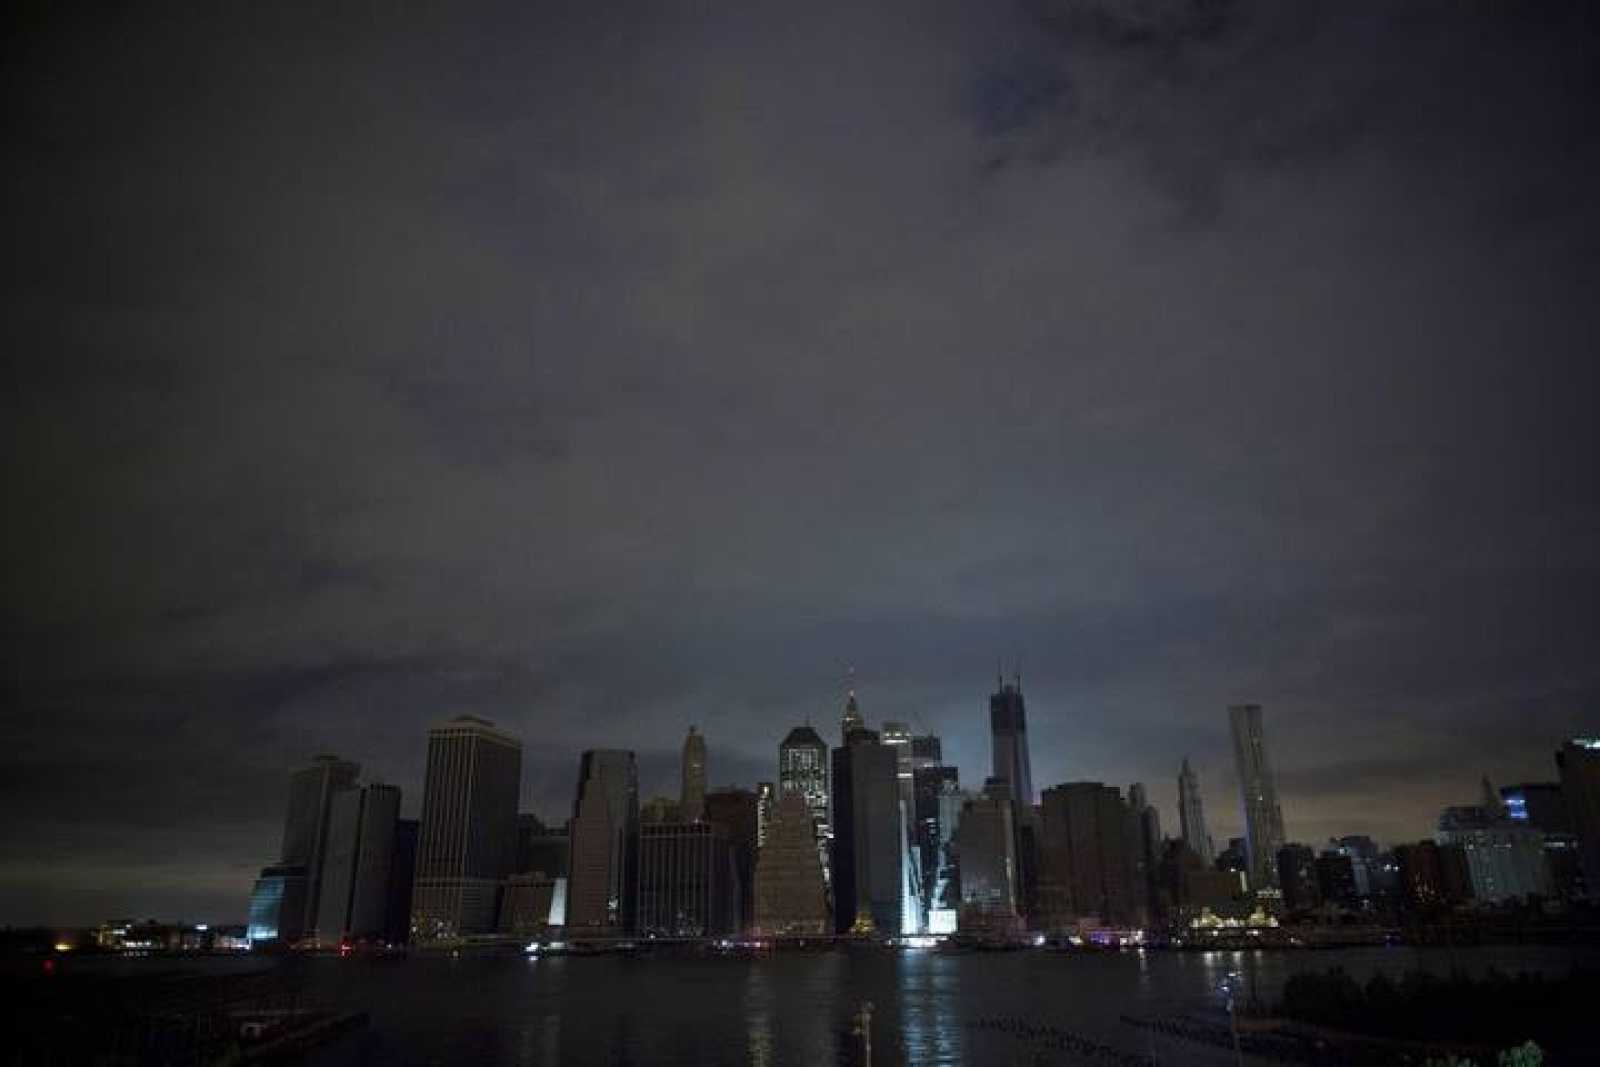 Manhattan a media luz en la noche del martes sufre los cortes de energía provocados por el huracán 'Sandy'